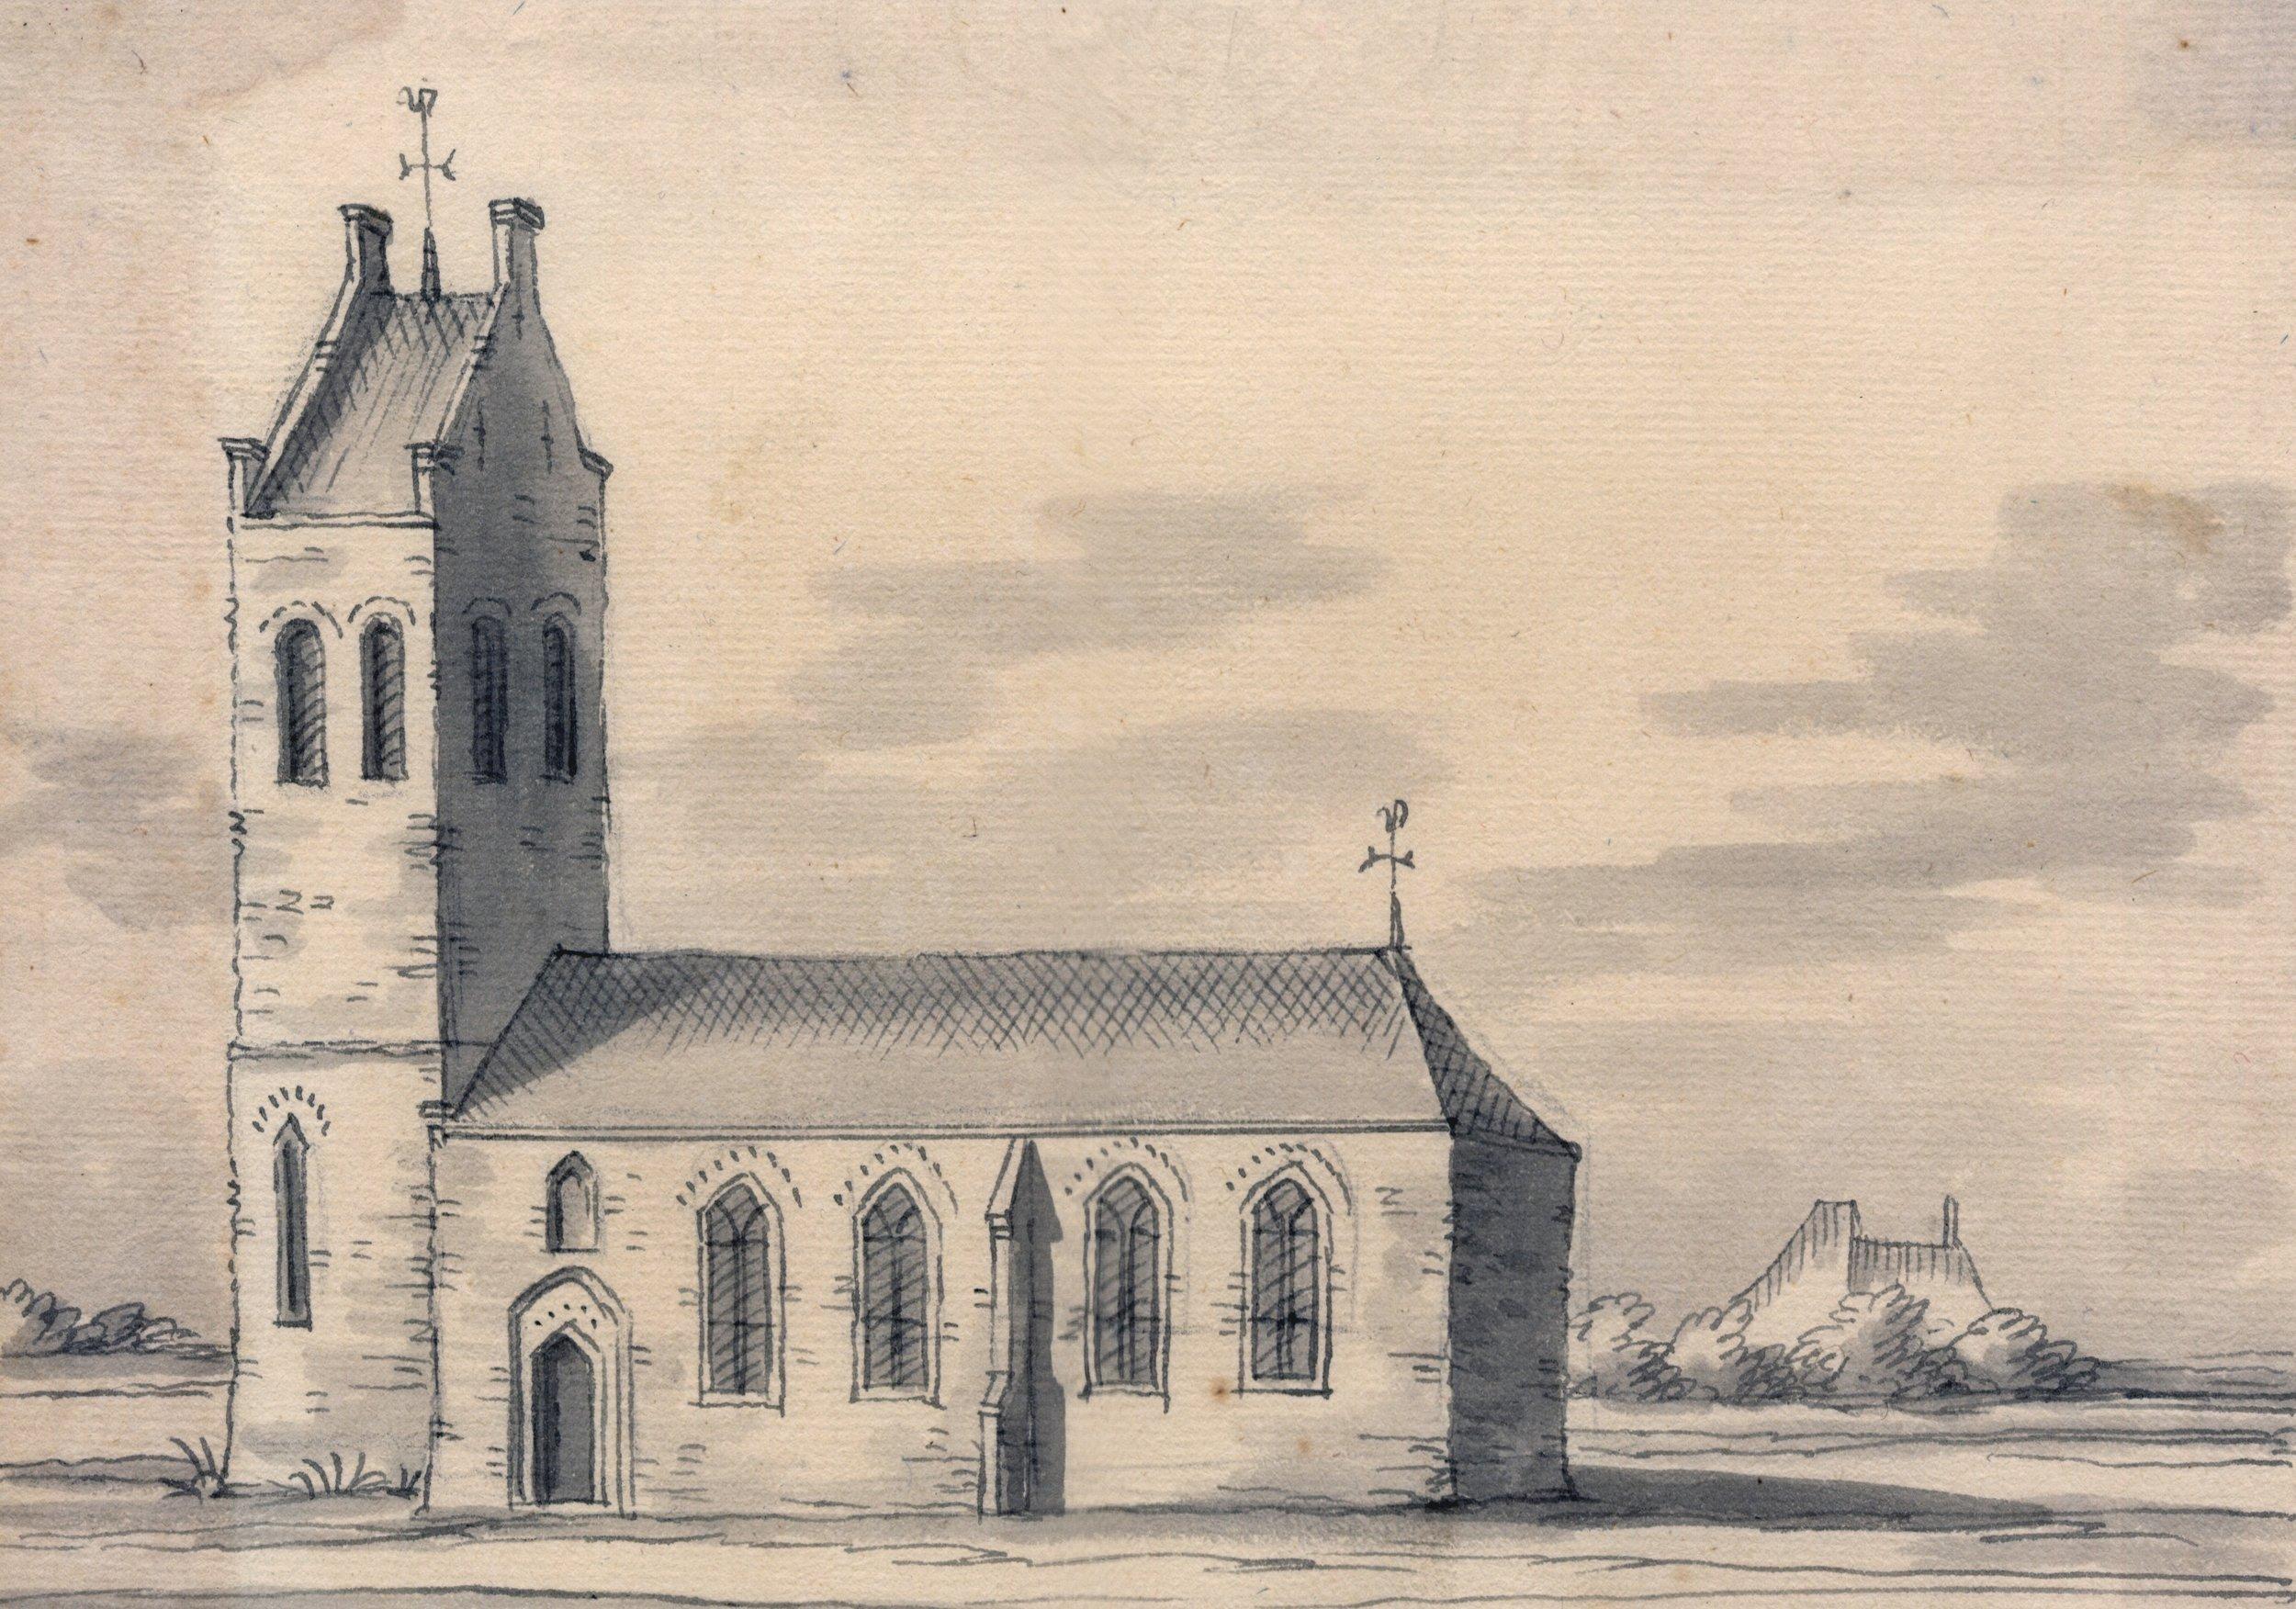 De kerk van Schettens, Friesland in 1722